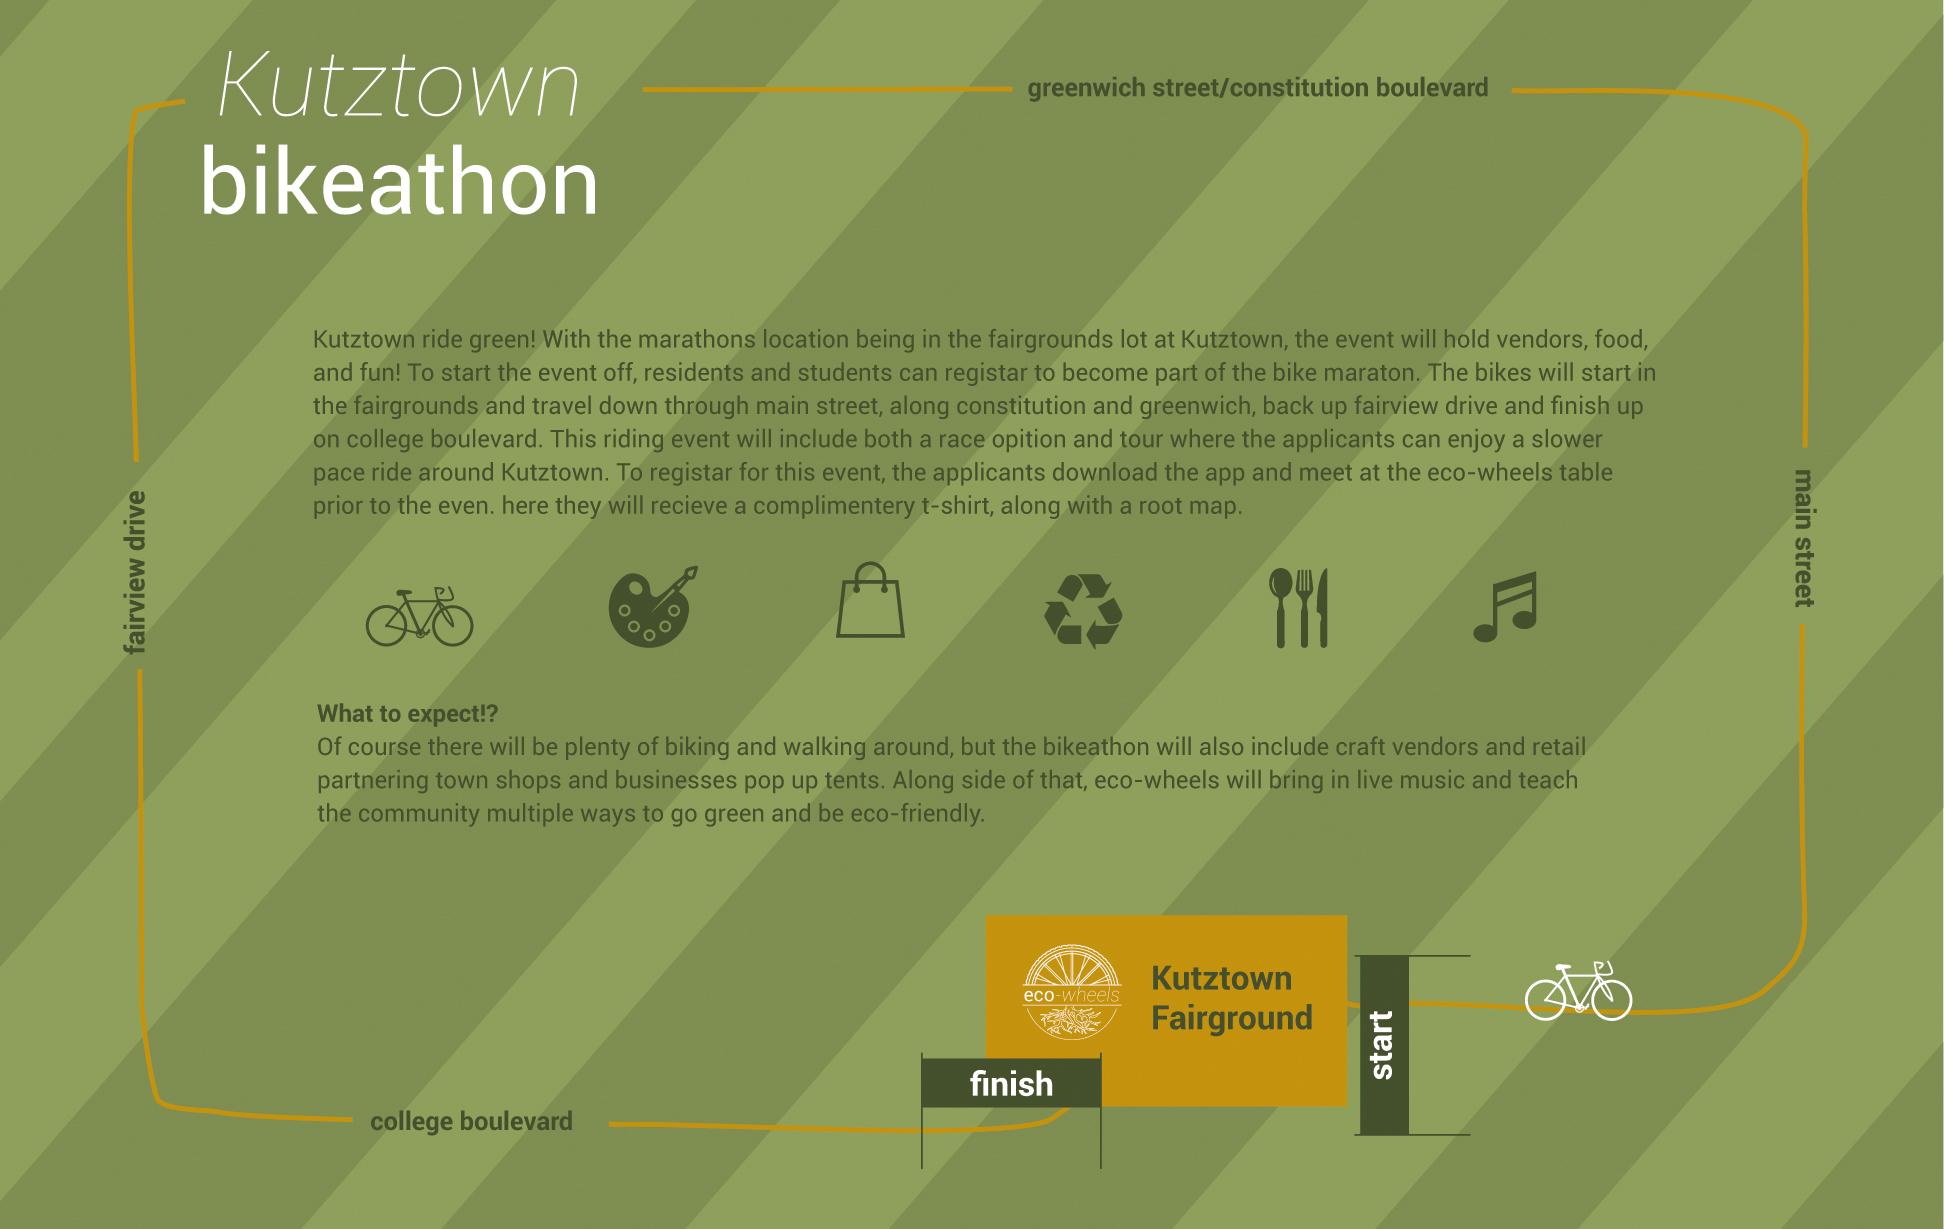 bikeathon.jpg